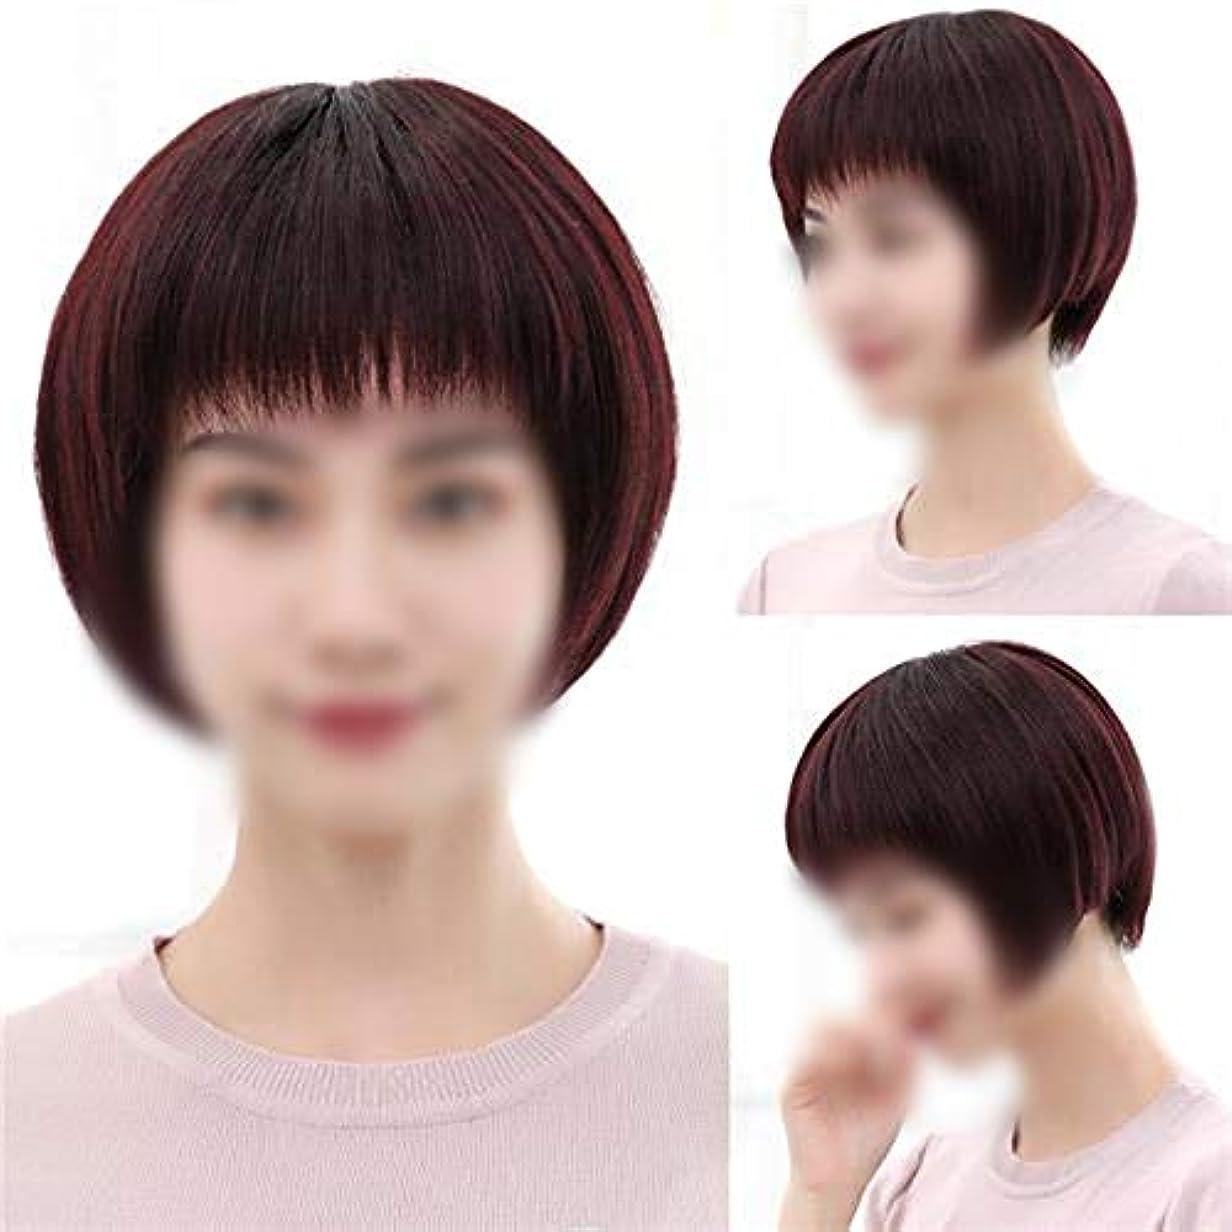 保守的感じ蓄積するYOUQIU 女性の中年ウィッグウィッグボブショートストレート髪のフルハンド織実ヘアウィッグ (色 : Dark brown)